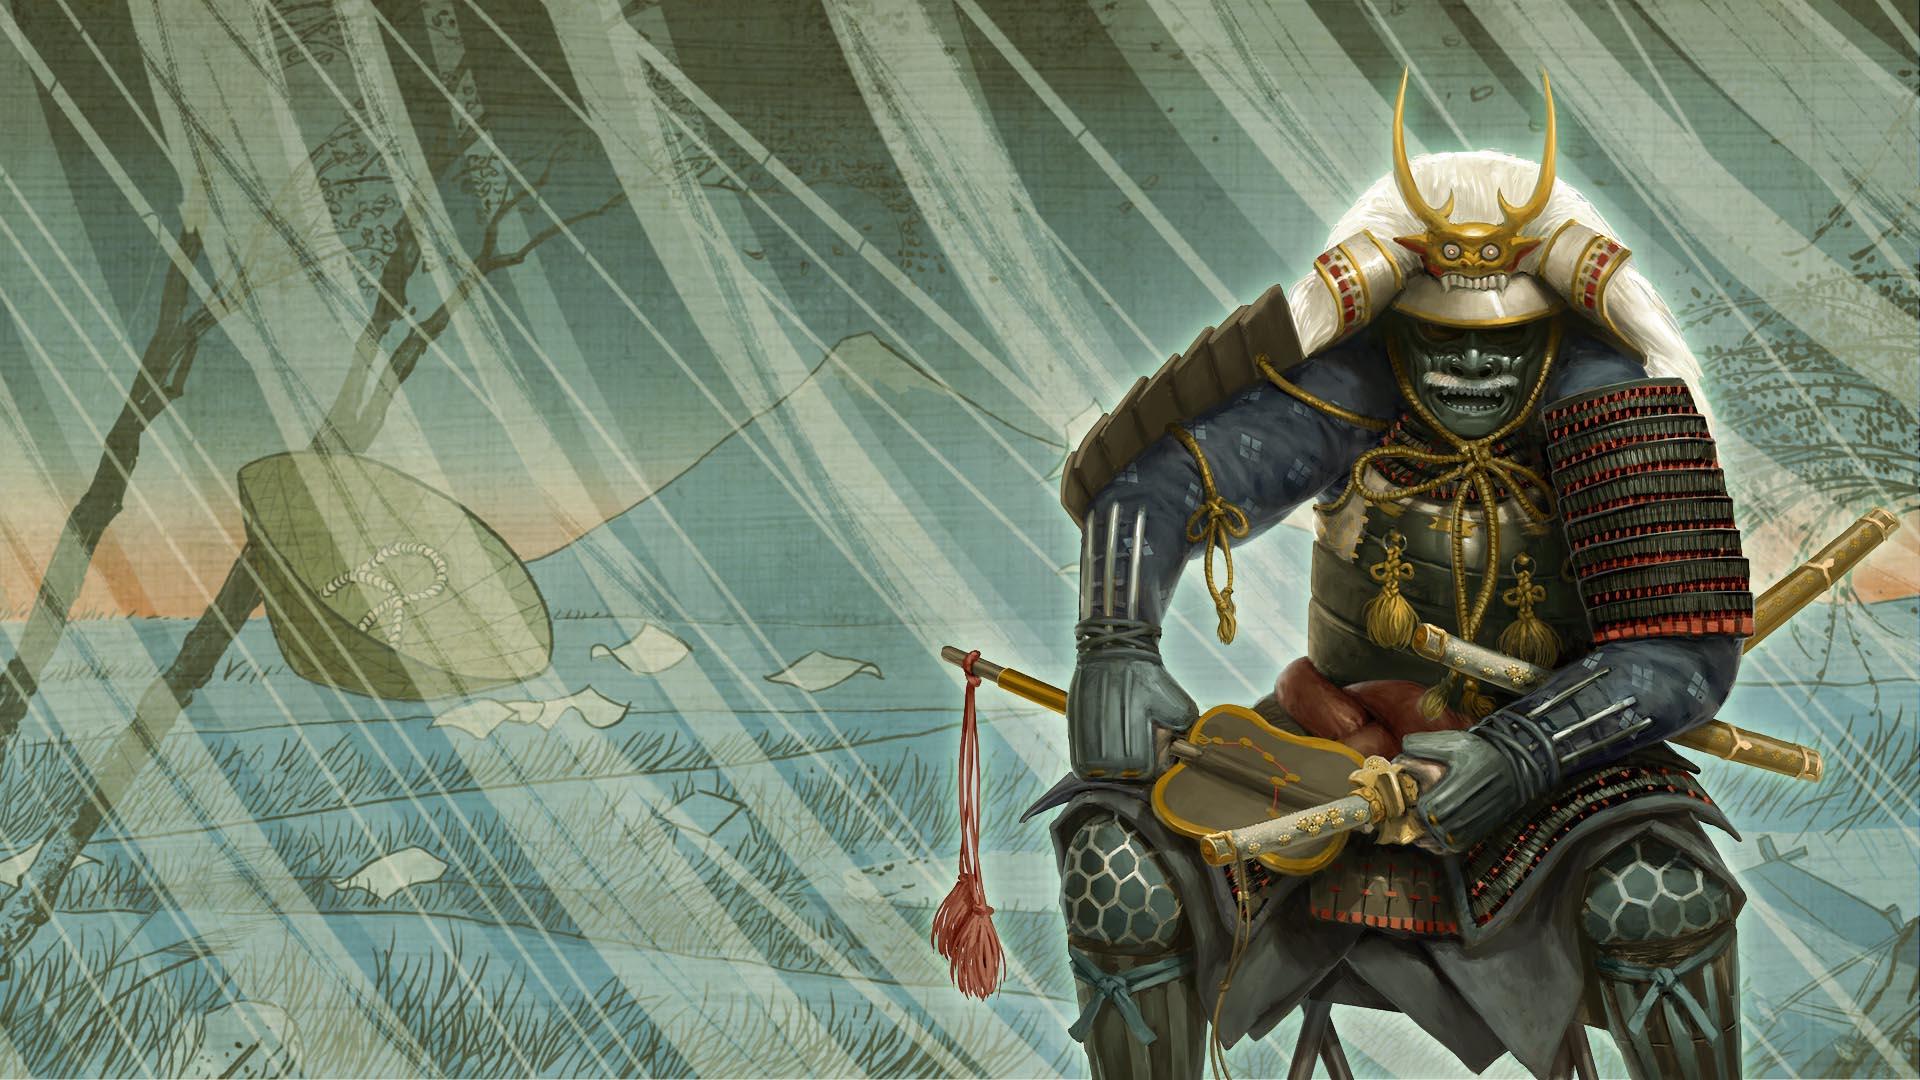 Total War:Shogun 2 - Rise of the Samurai Full HD Wallpaper and ...